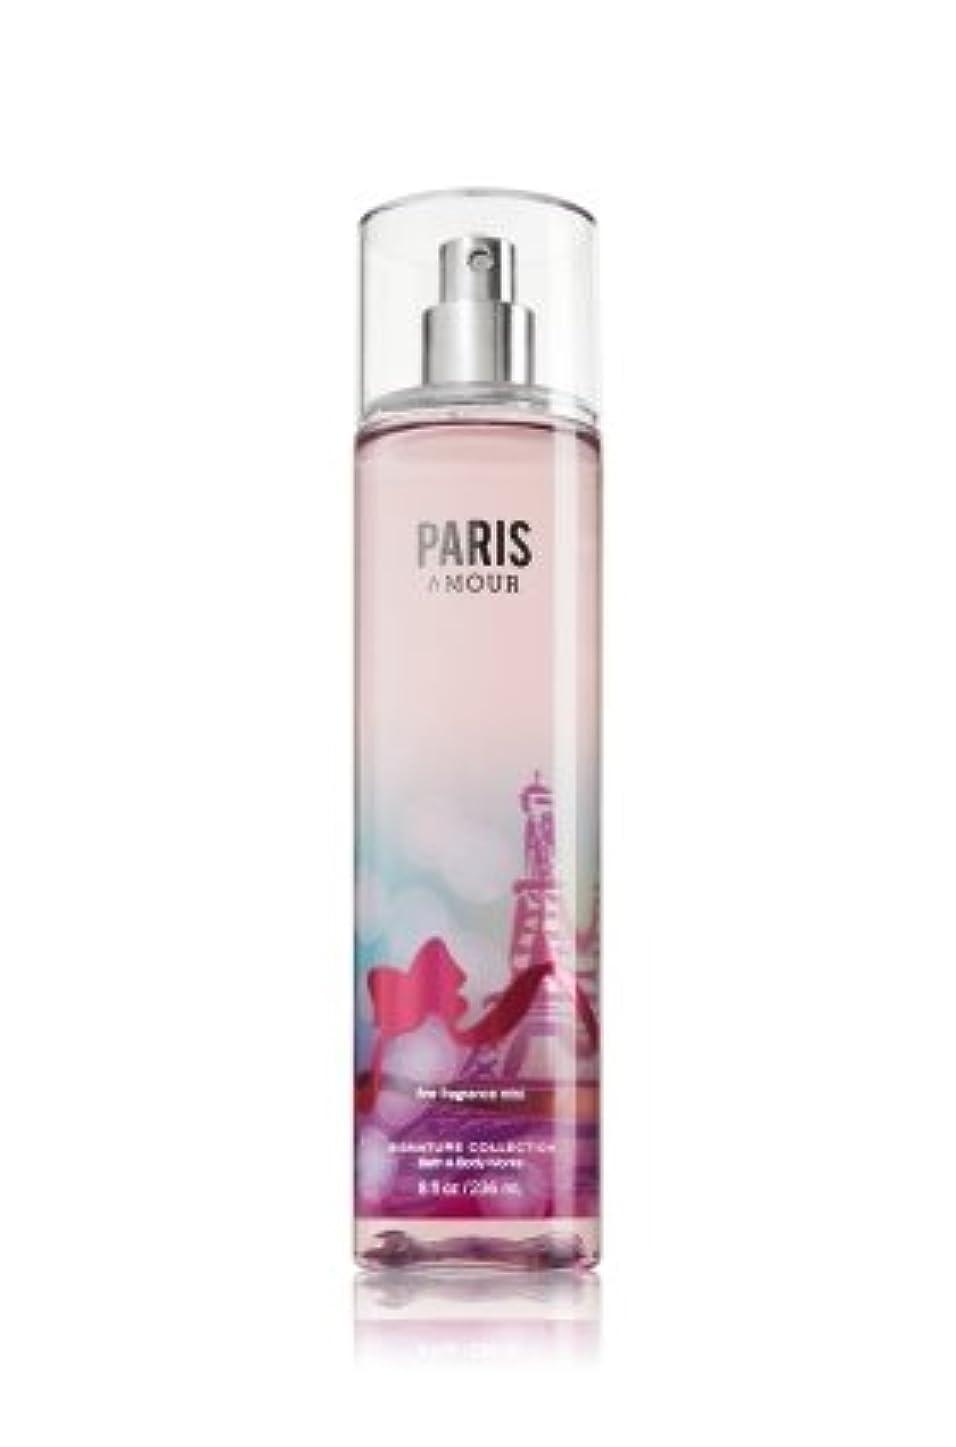 フェデレーション人里離れたいいねバス&ボディワークス パリスアモール ファイン フレグランスミスト Paris Amour Fine Fragrance Mist [海外直送品]